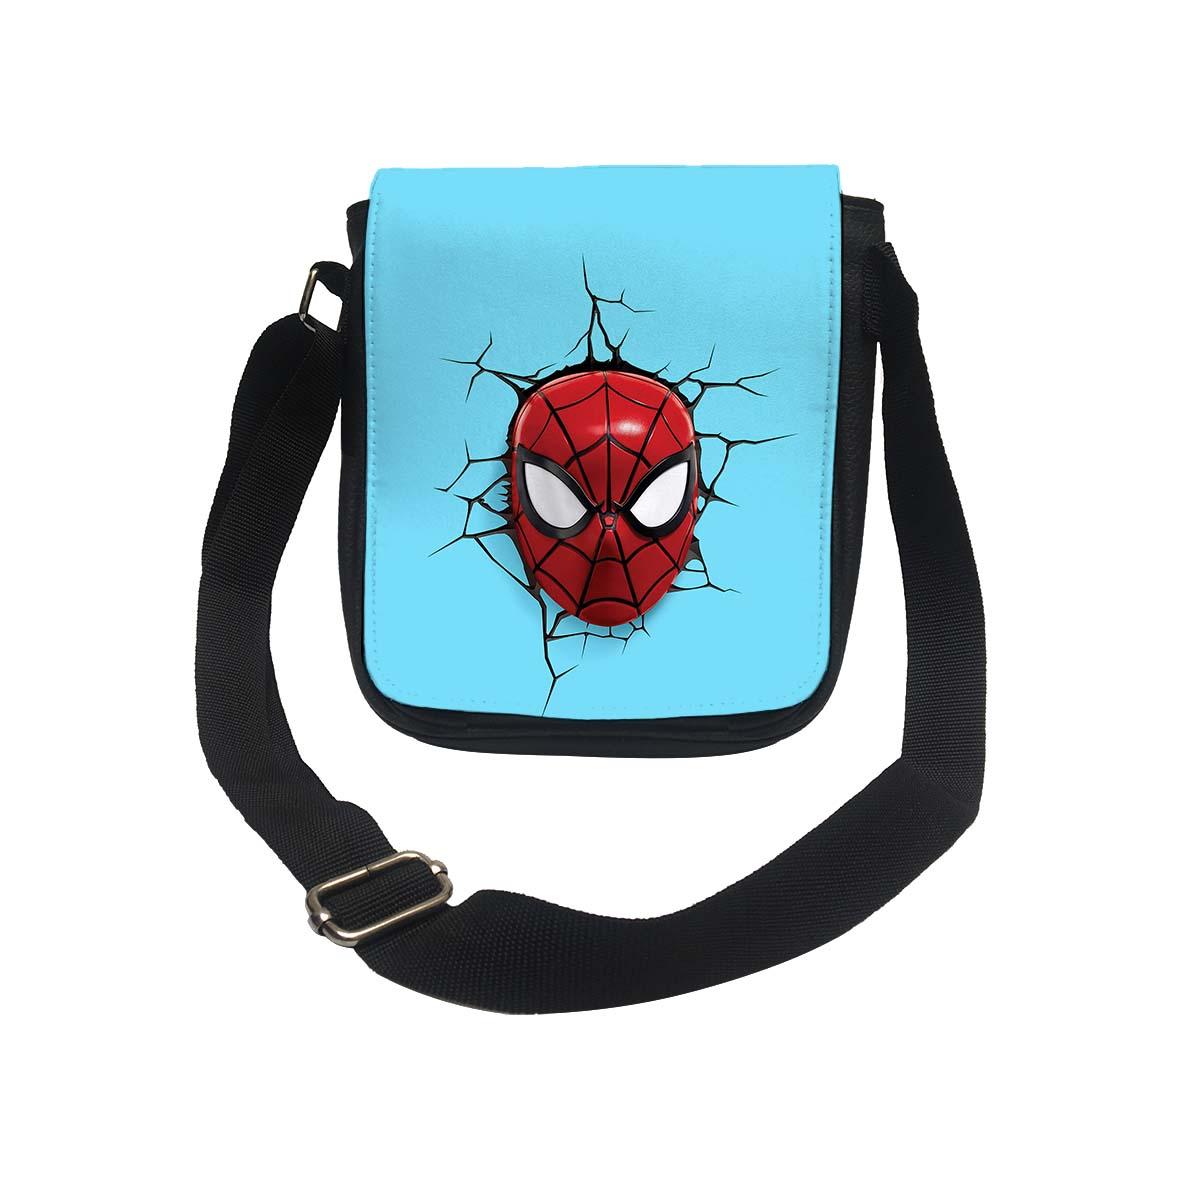 عکس کیف دوشی طرح مرد عنکبوتی کد k176